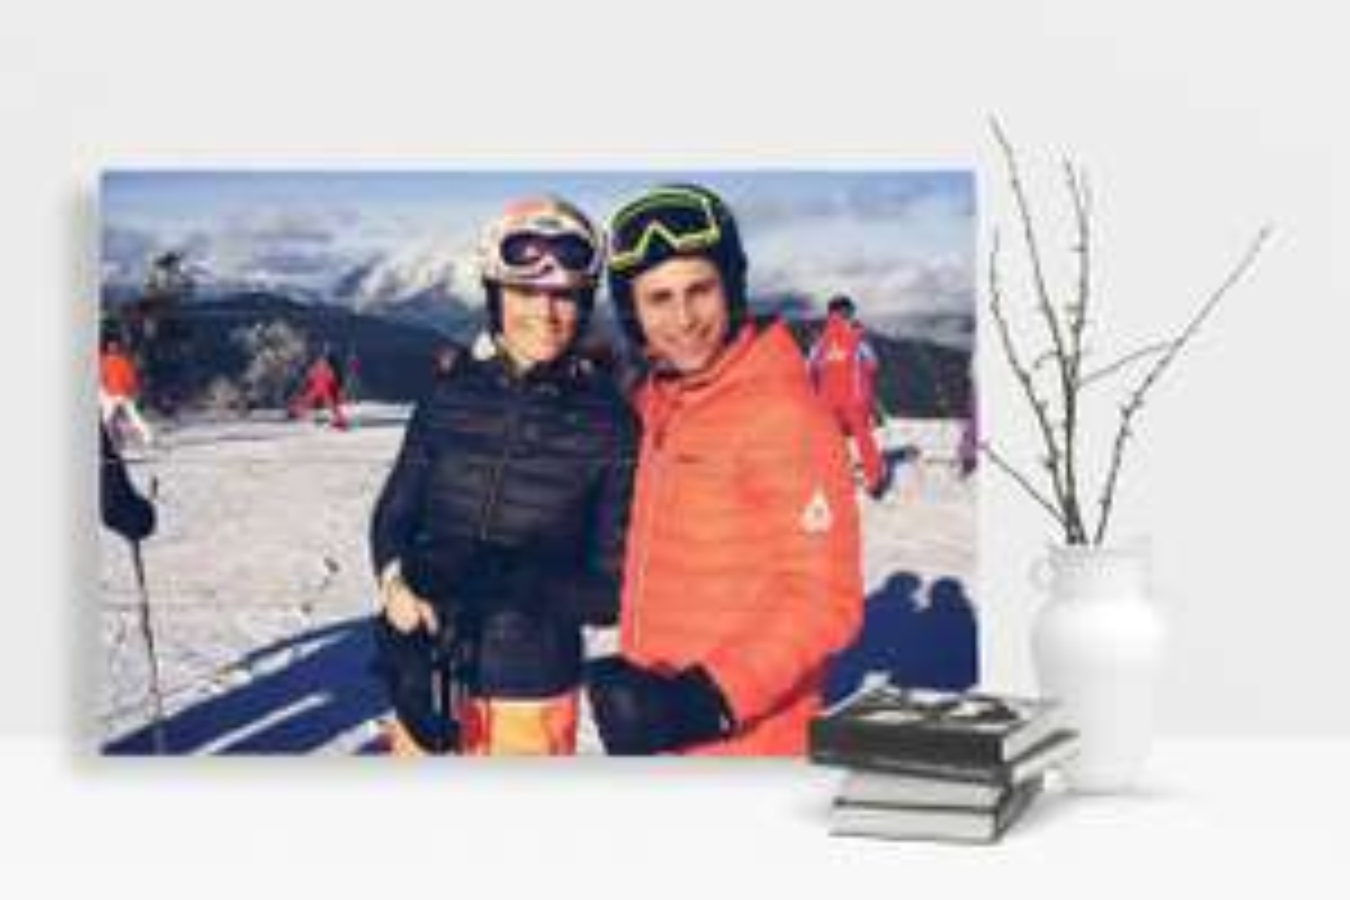 Foto op hout afdrukken met 75% korting @ Canvas Company